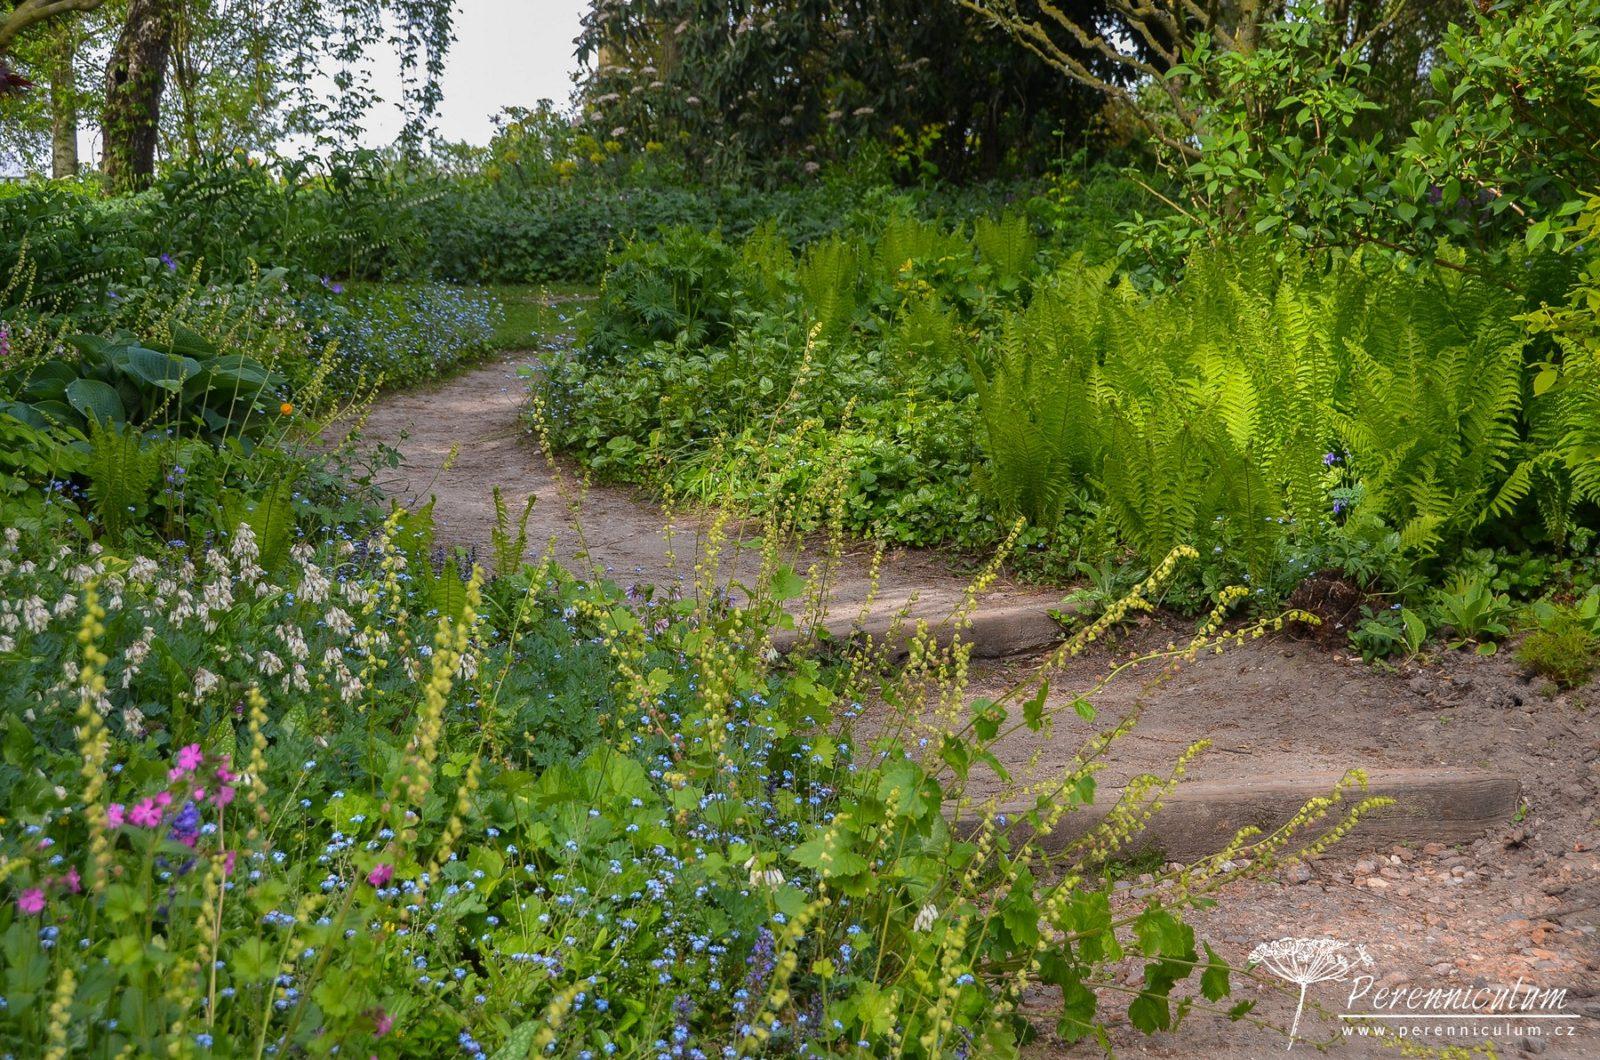 Mírný kopeček překonávají přírodní dřevěné schody, které lemuje směs trvalek do polostínu: Tellima grandiflora, Myosotis sylvatica, Dicentra formosa 'Aurora' nebo Matteucia struthiopteris.